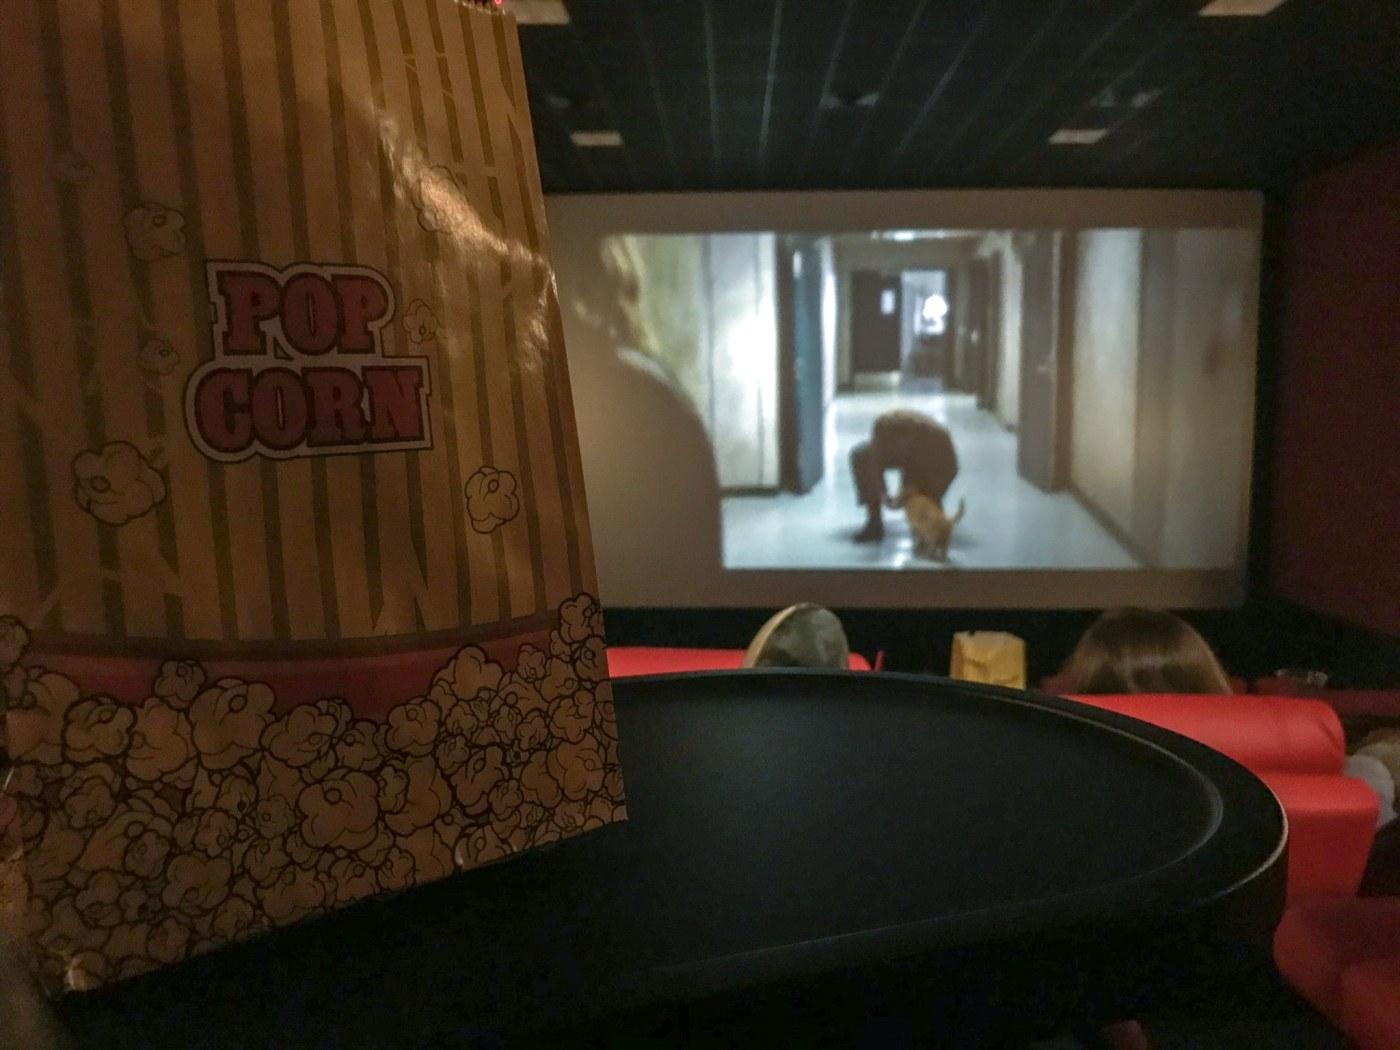 Birmingham, Alabama, Pell City Premiere Lux Cine, Pop Corn